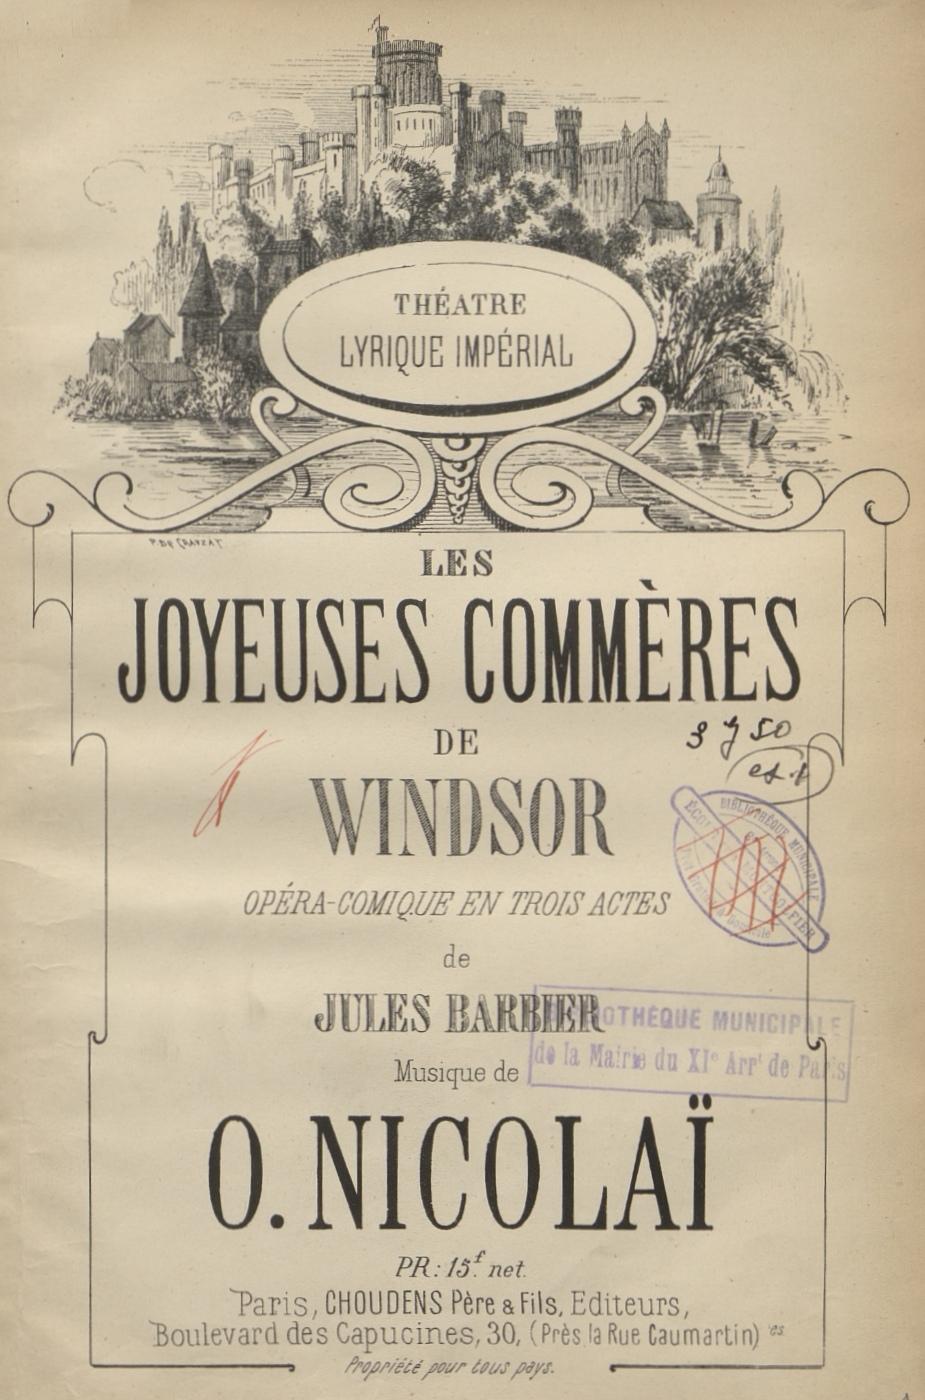 Otto Nicolai, Les Joyeuses commères de Windsor, Réduction: piano-chant, Paris: Choudens, [ca 1867]